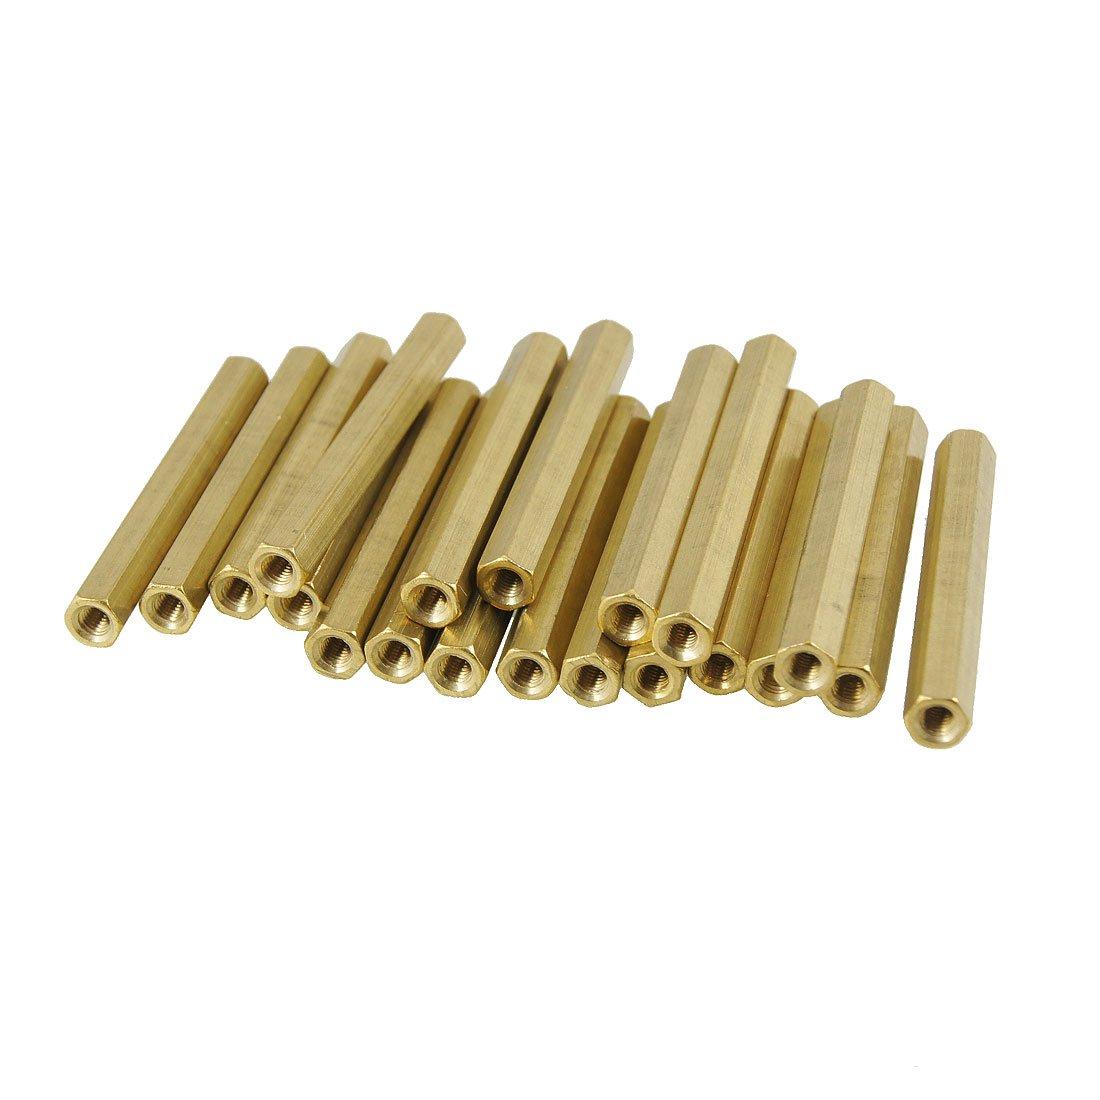 Sourcingmap 20 piezas de 3 mm de rosca hembra enfrentamiento pcb hexagonal longitud espaciador de 45 mm